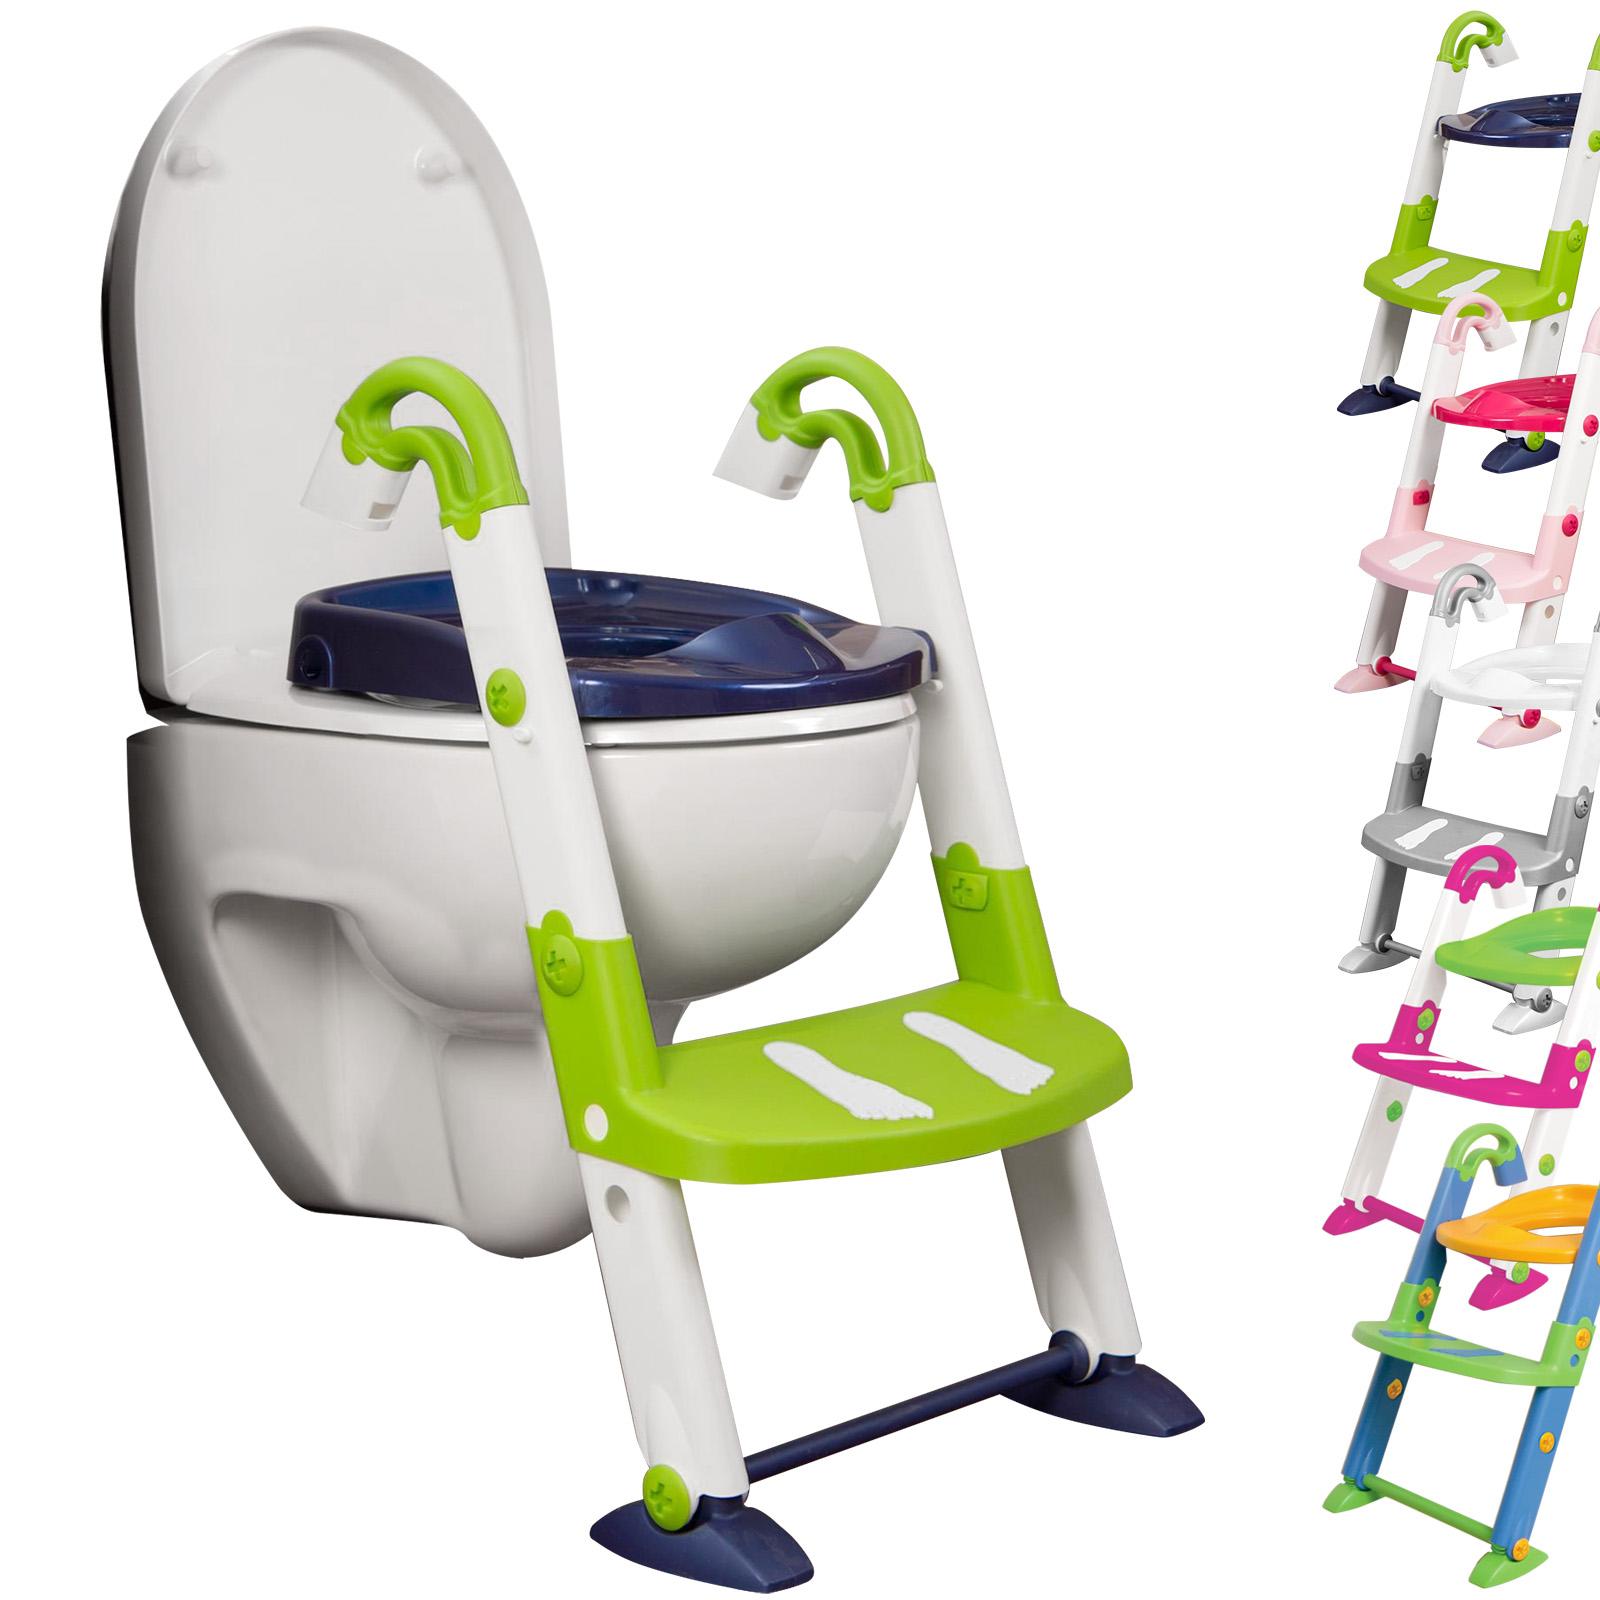 kidskit 3in1 toilettentrainer kinder wc sitz toilettensitz lernt pfchen t pfchen ebay. Black Bedroom Furniture Sets. Home Design Ideas